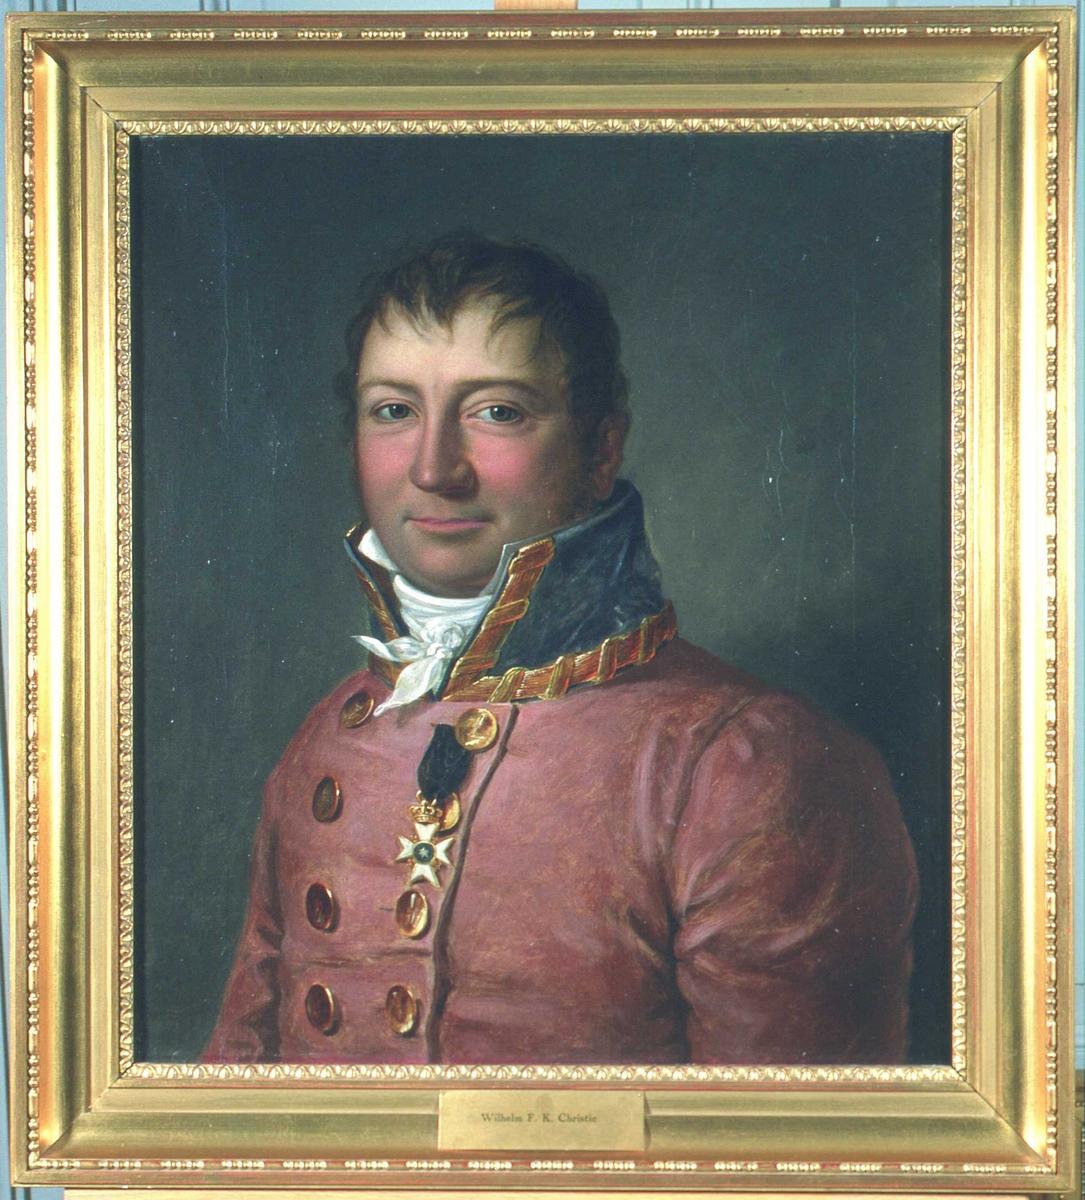 Portrett av sorenskriver Wilhelm F.K. Christie. Rød sorenskriveruniform, høy krave med gull, hvitt kalvekryss.  1 ordensstjerne.